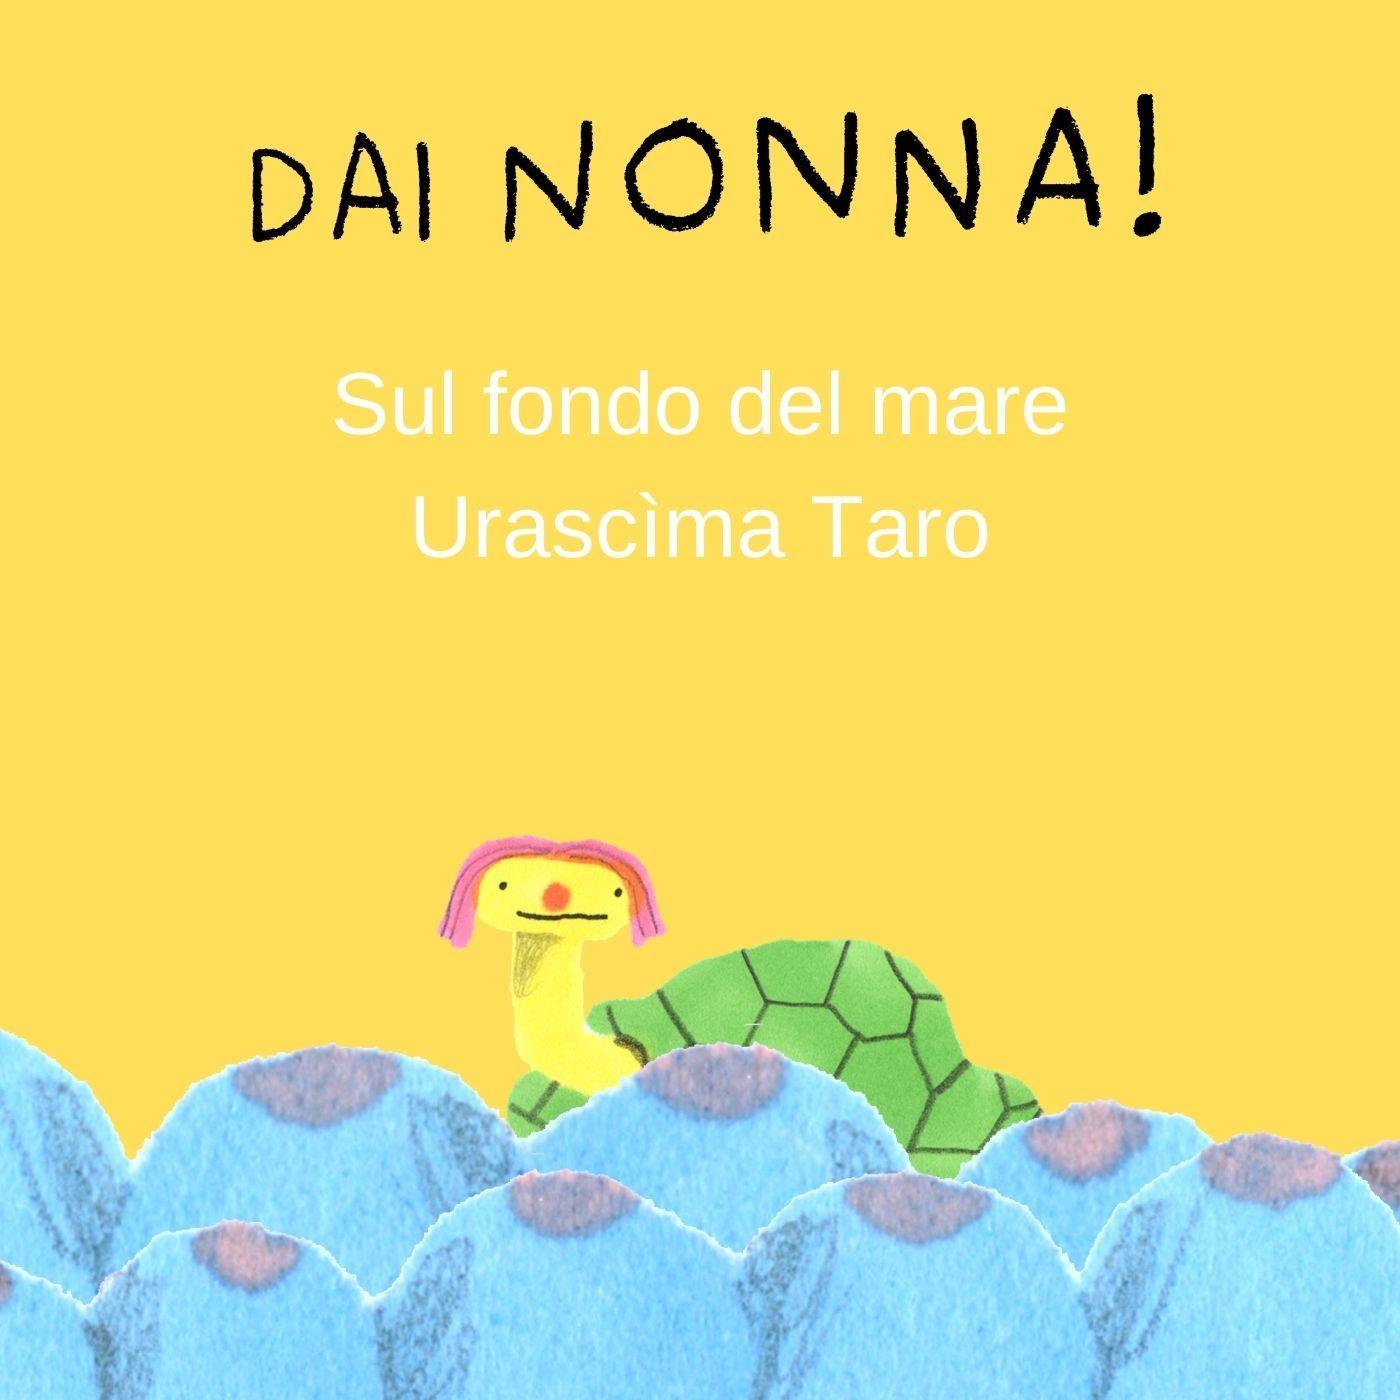 Sul fondo del mare Urascima Taro - ottava serie